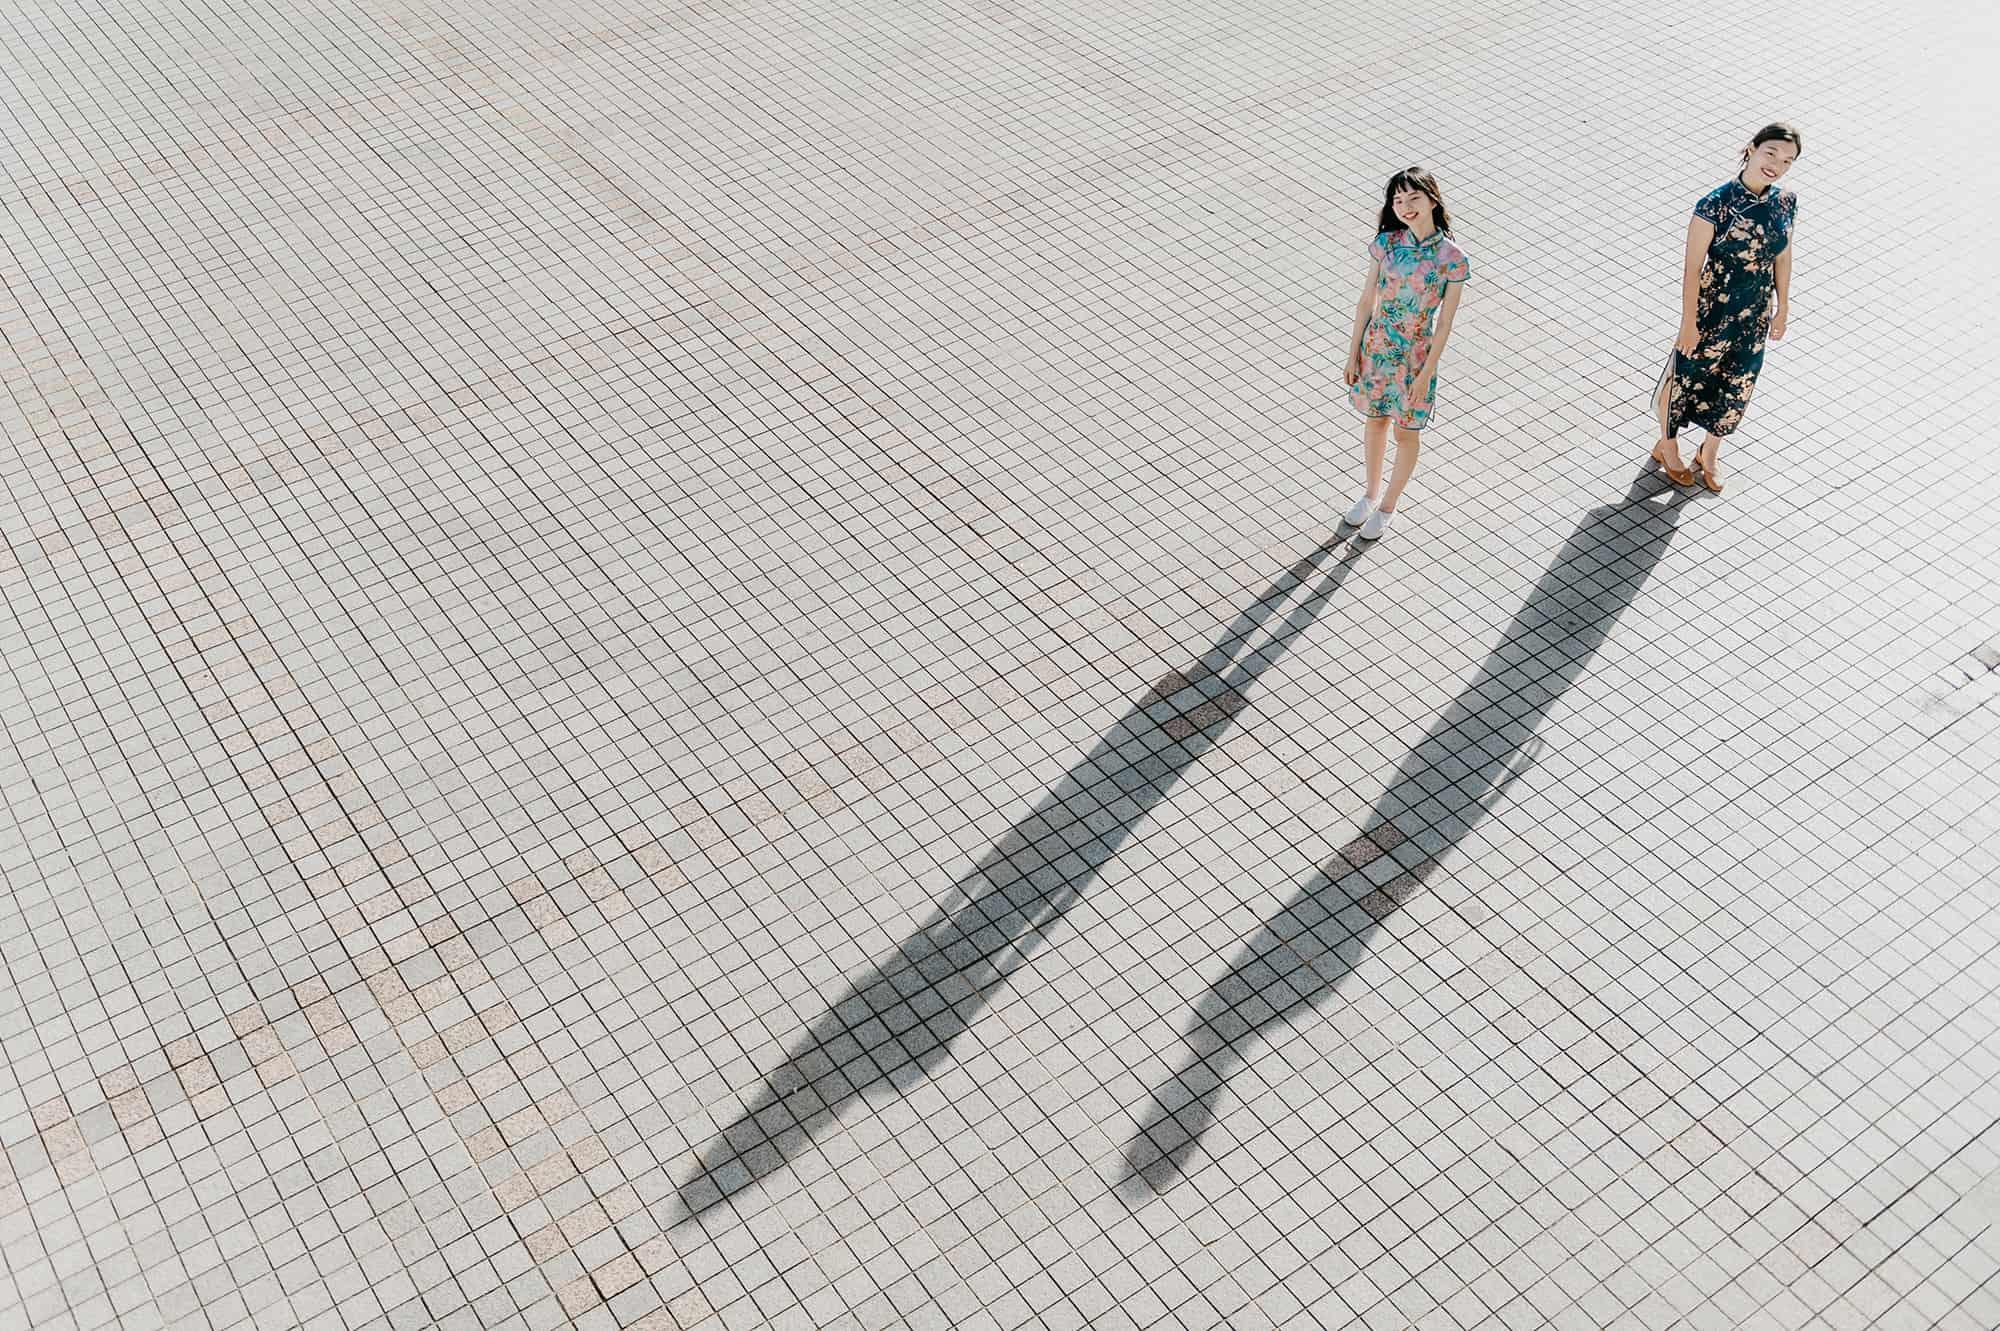 三宇影像,風雲20,wppi,七顆梨穿旗袍,旗袍,qipao,中國風,閨密,閨蜜,北部攝影師,自由廣場,國宅拍攝,